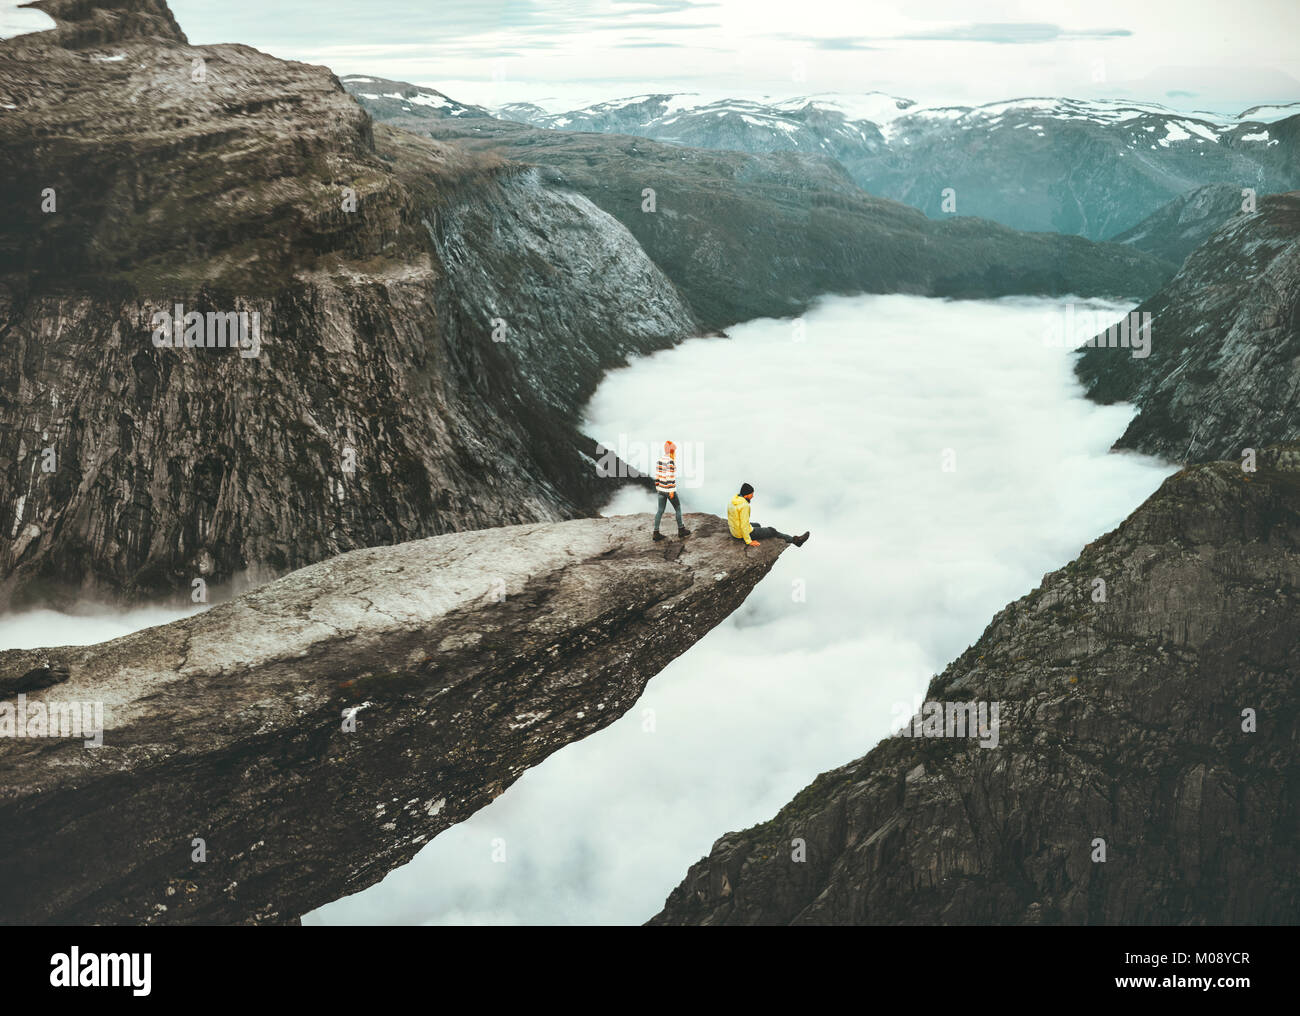 Par el hombre y la mujer en Trolltunga acantilado en Noruega por encima de las nubes de amor y emociones de viaje Imagen De Stock